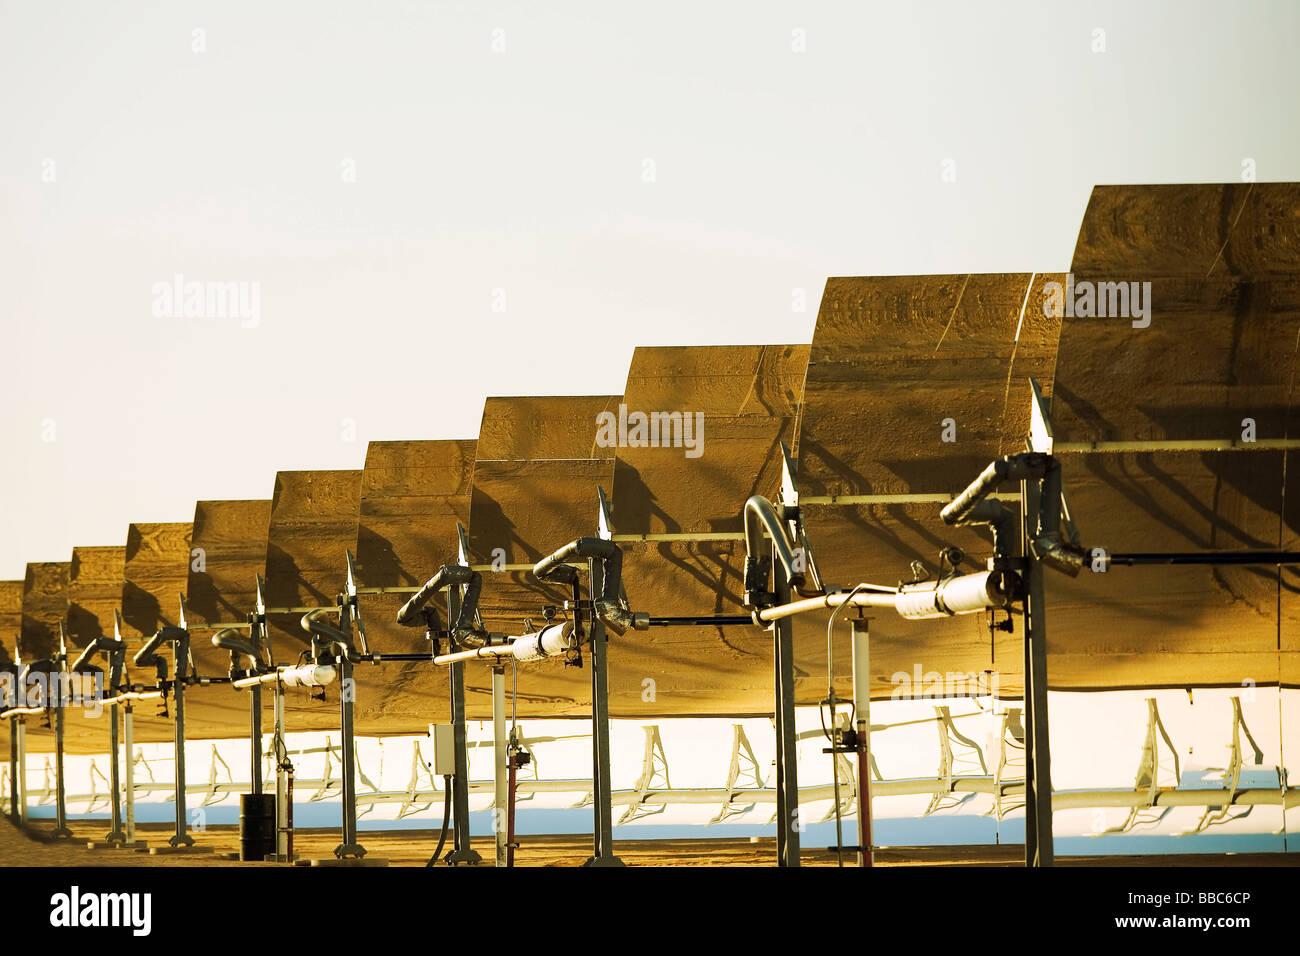 Planta de generación eléctrica solar Imagen De Stock